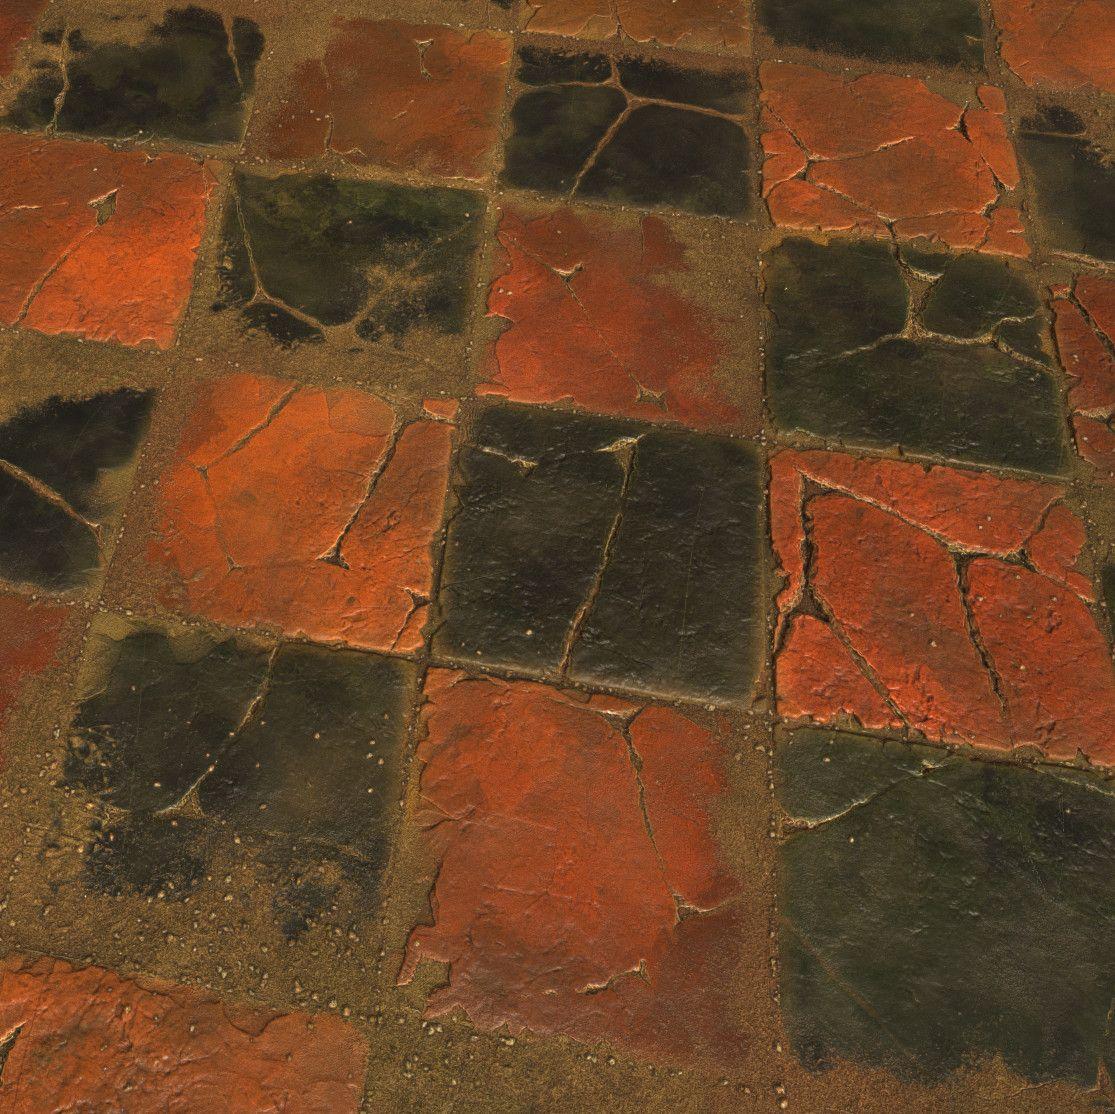 red floor tiles texture. Exellent Texture Red Floor Tiles Texture Substance_designer  100 Procedural Worn Stone  Tiles Robert Throughout Red Floor Tiles Texture